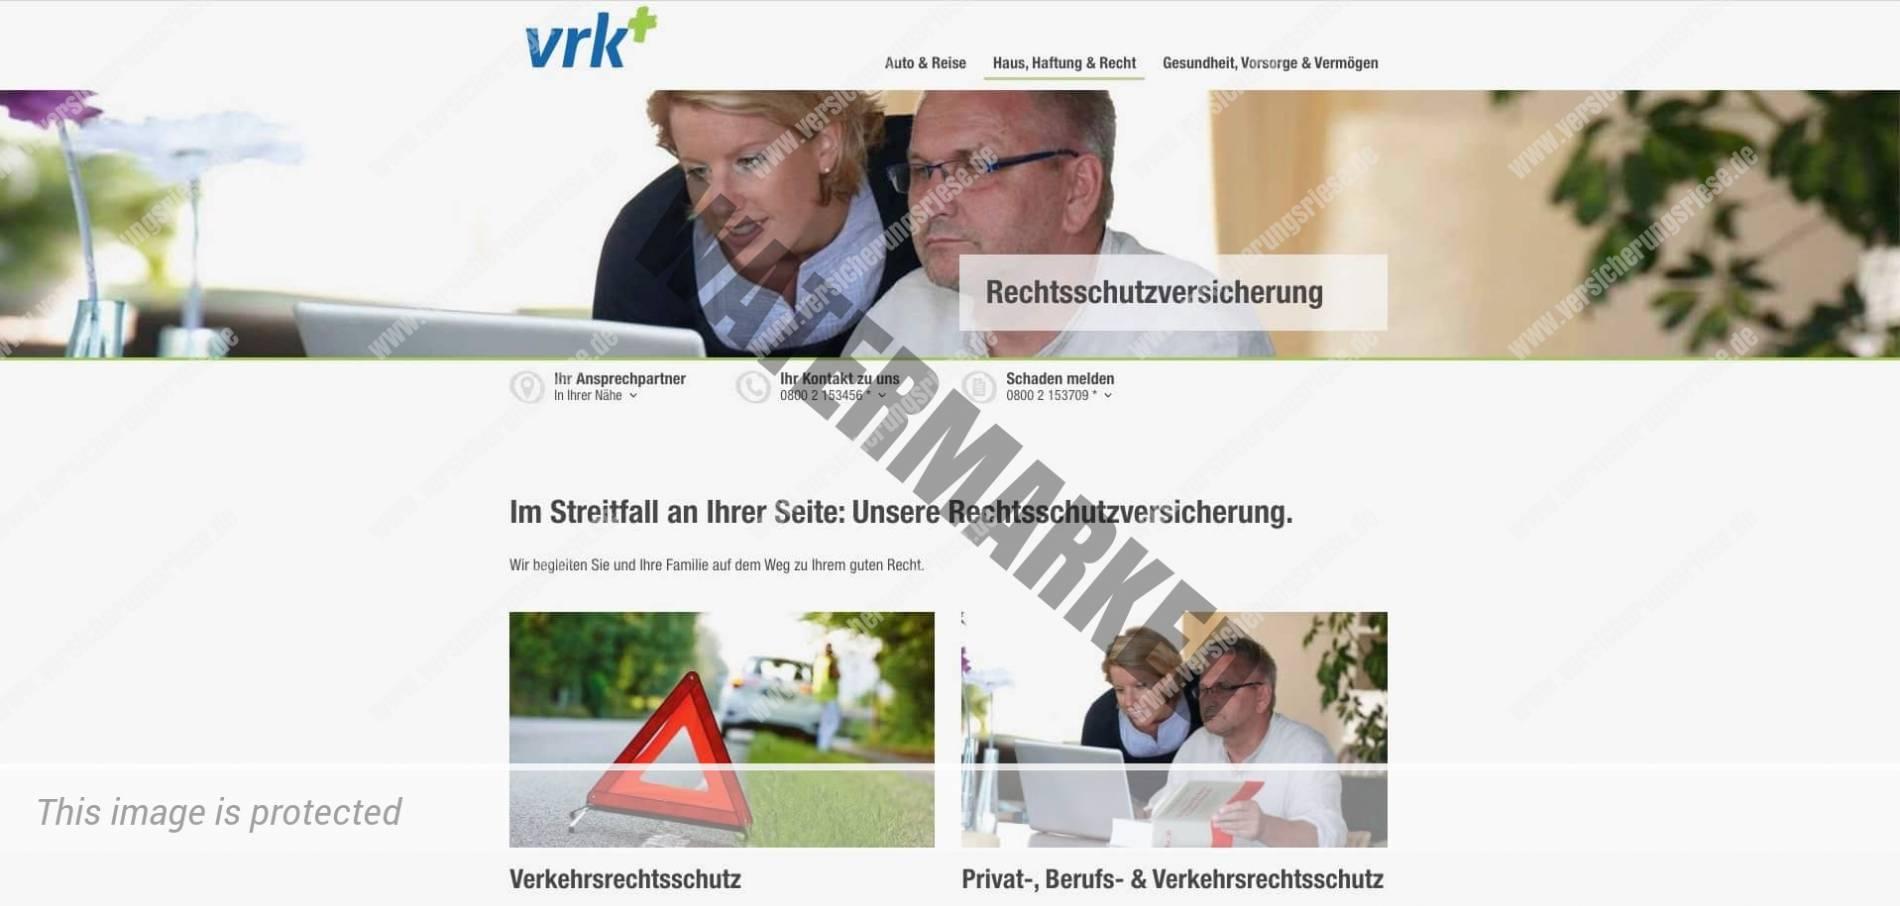 Webseite der Bruderhilfe (VRK) Rechtsschutzversicherung